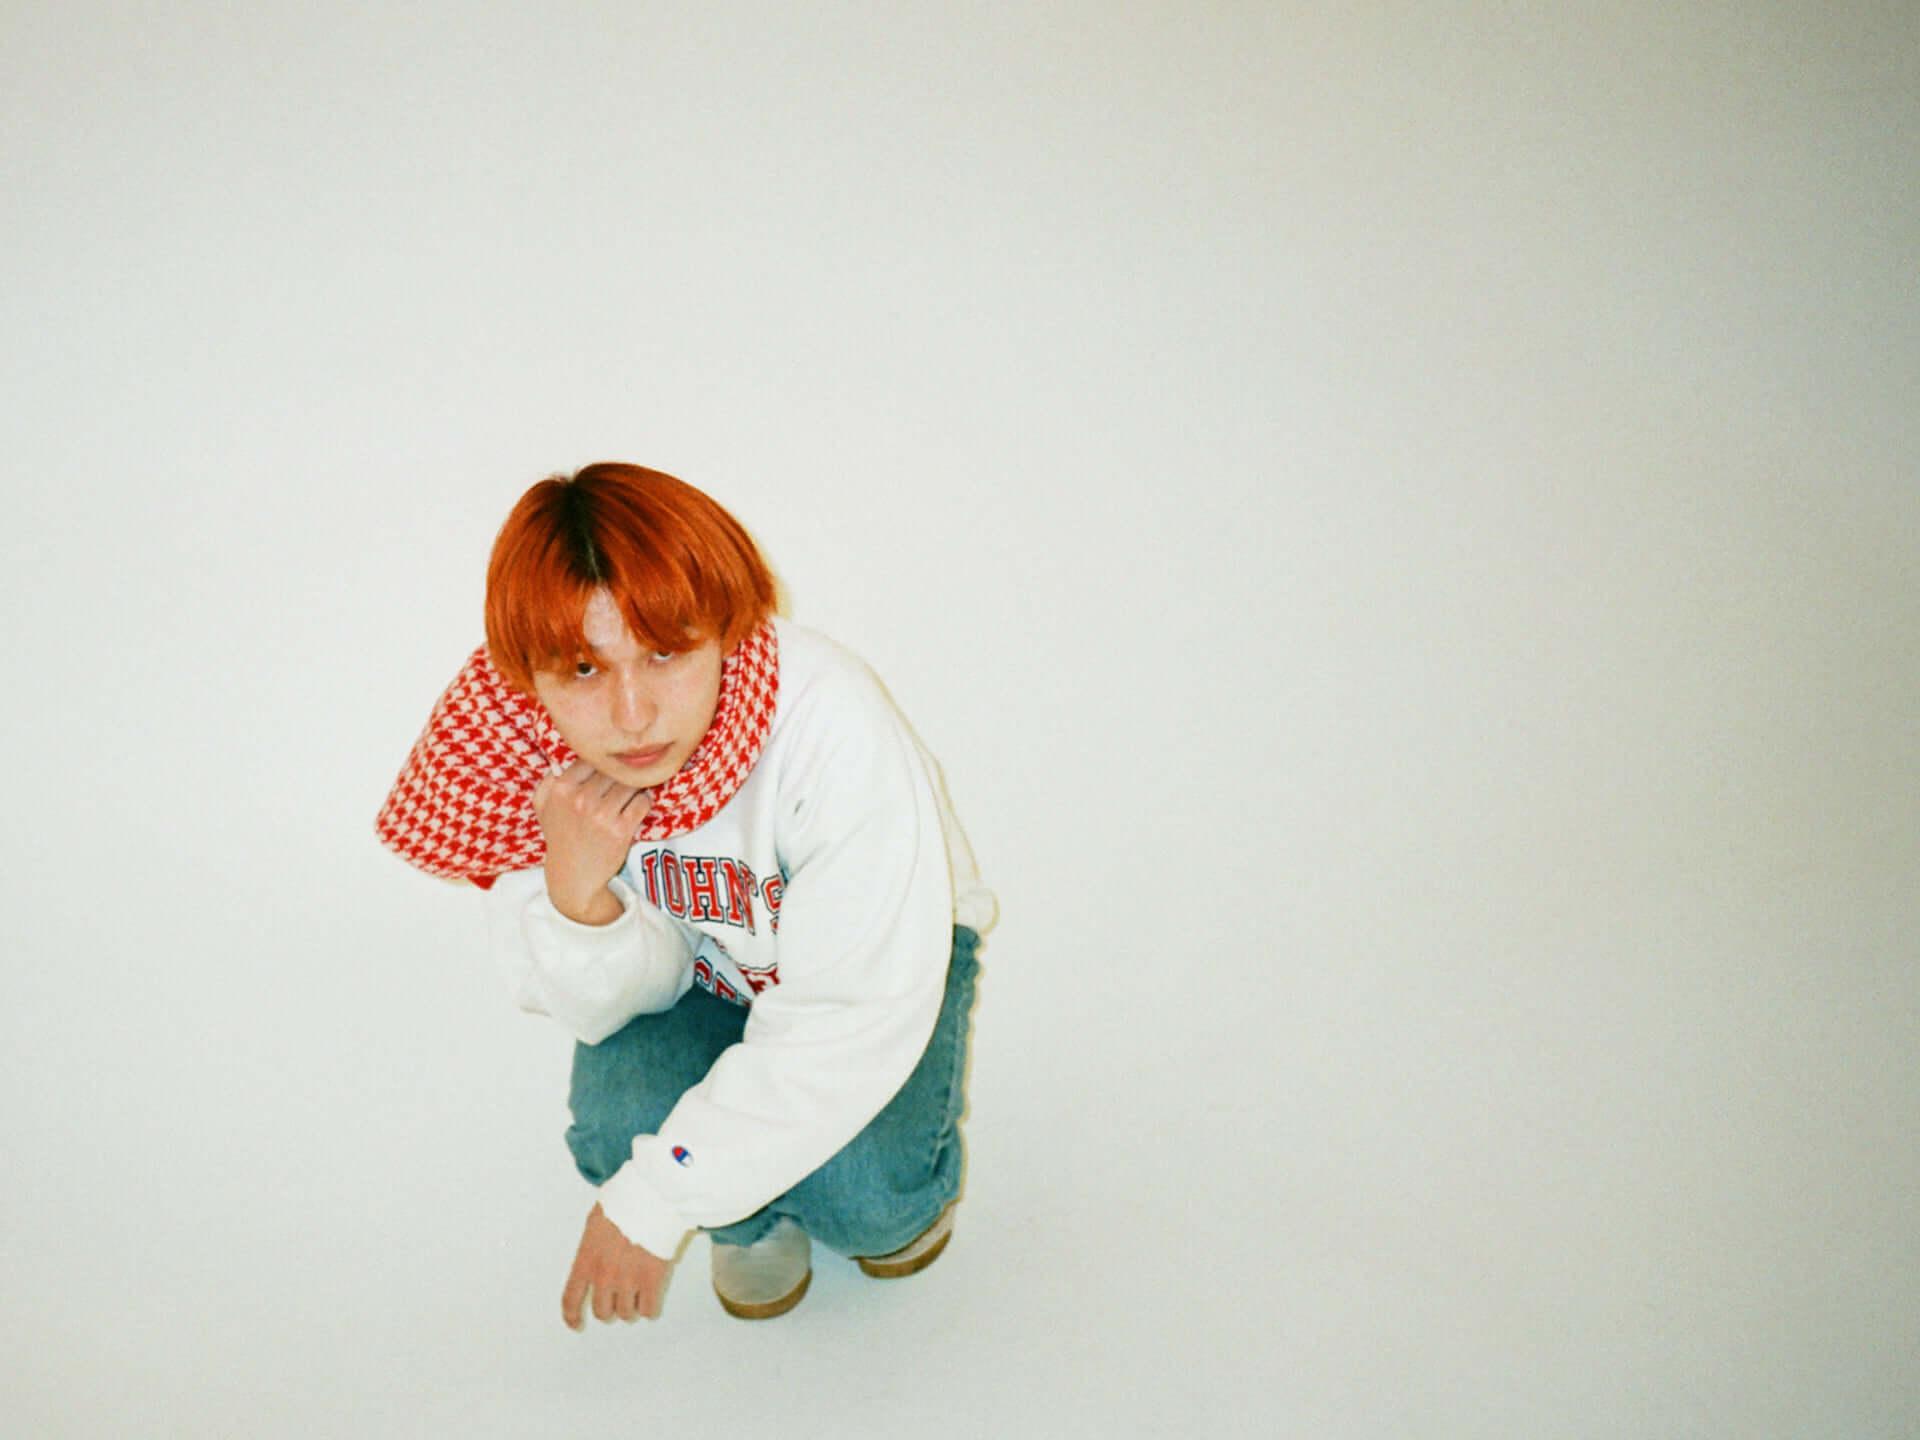 """Mega ShinnosukeがJinmenusagiを迎えた新曲""""Sweet Dream""""MVを公開!ディレクターはNasty Men$ah music210218_mega-shinnosuke_1-1920x1440"""